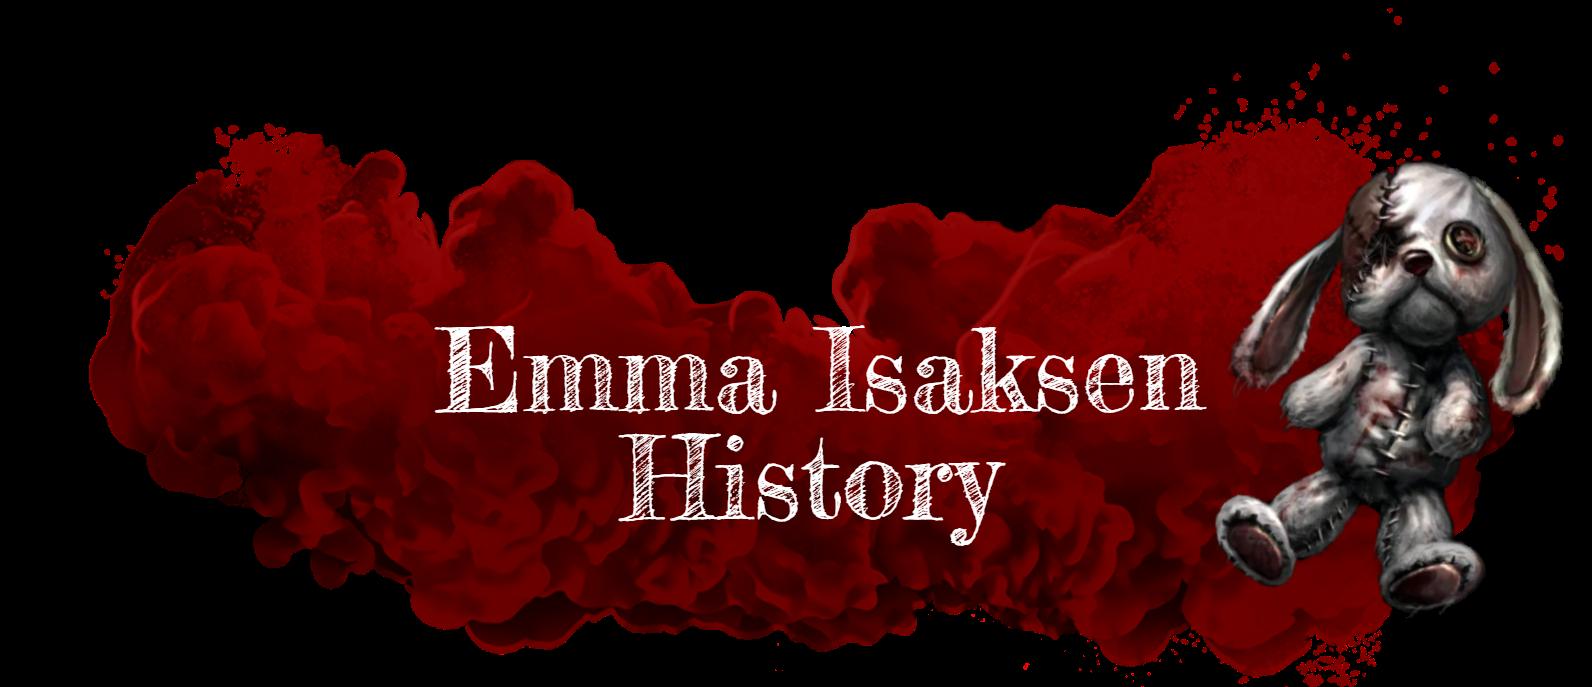 EmmaIsaksenHistory1.png.c3d4789ee169d2c108a97469c2a46742.png